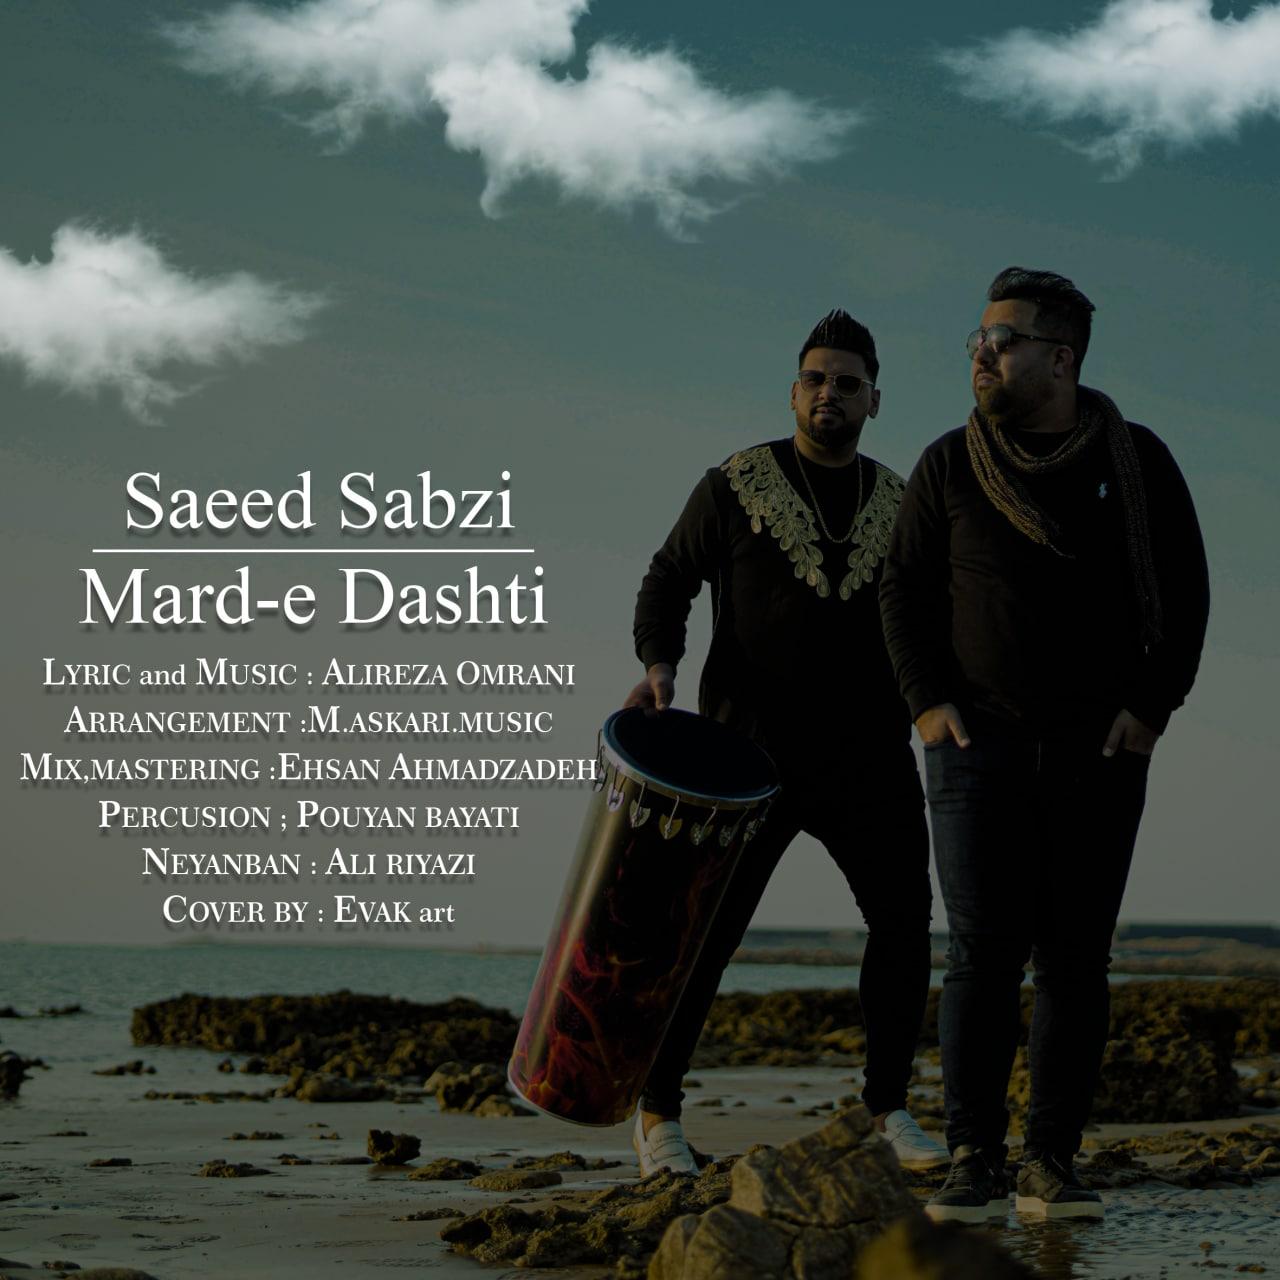 دانلود موزیک جدید سعید سبزی مرد دشتی